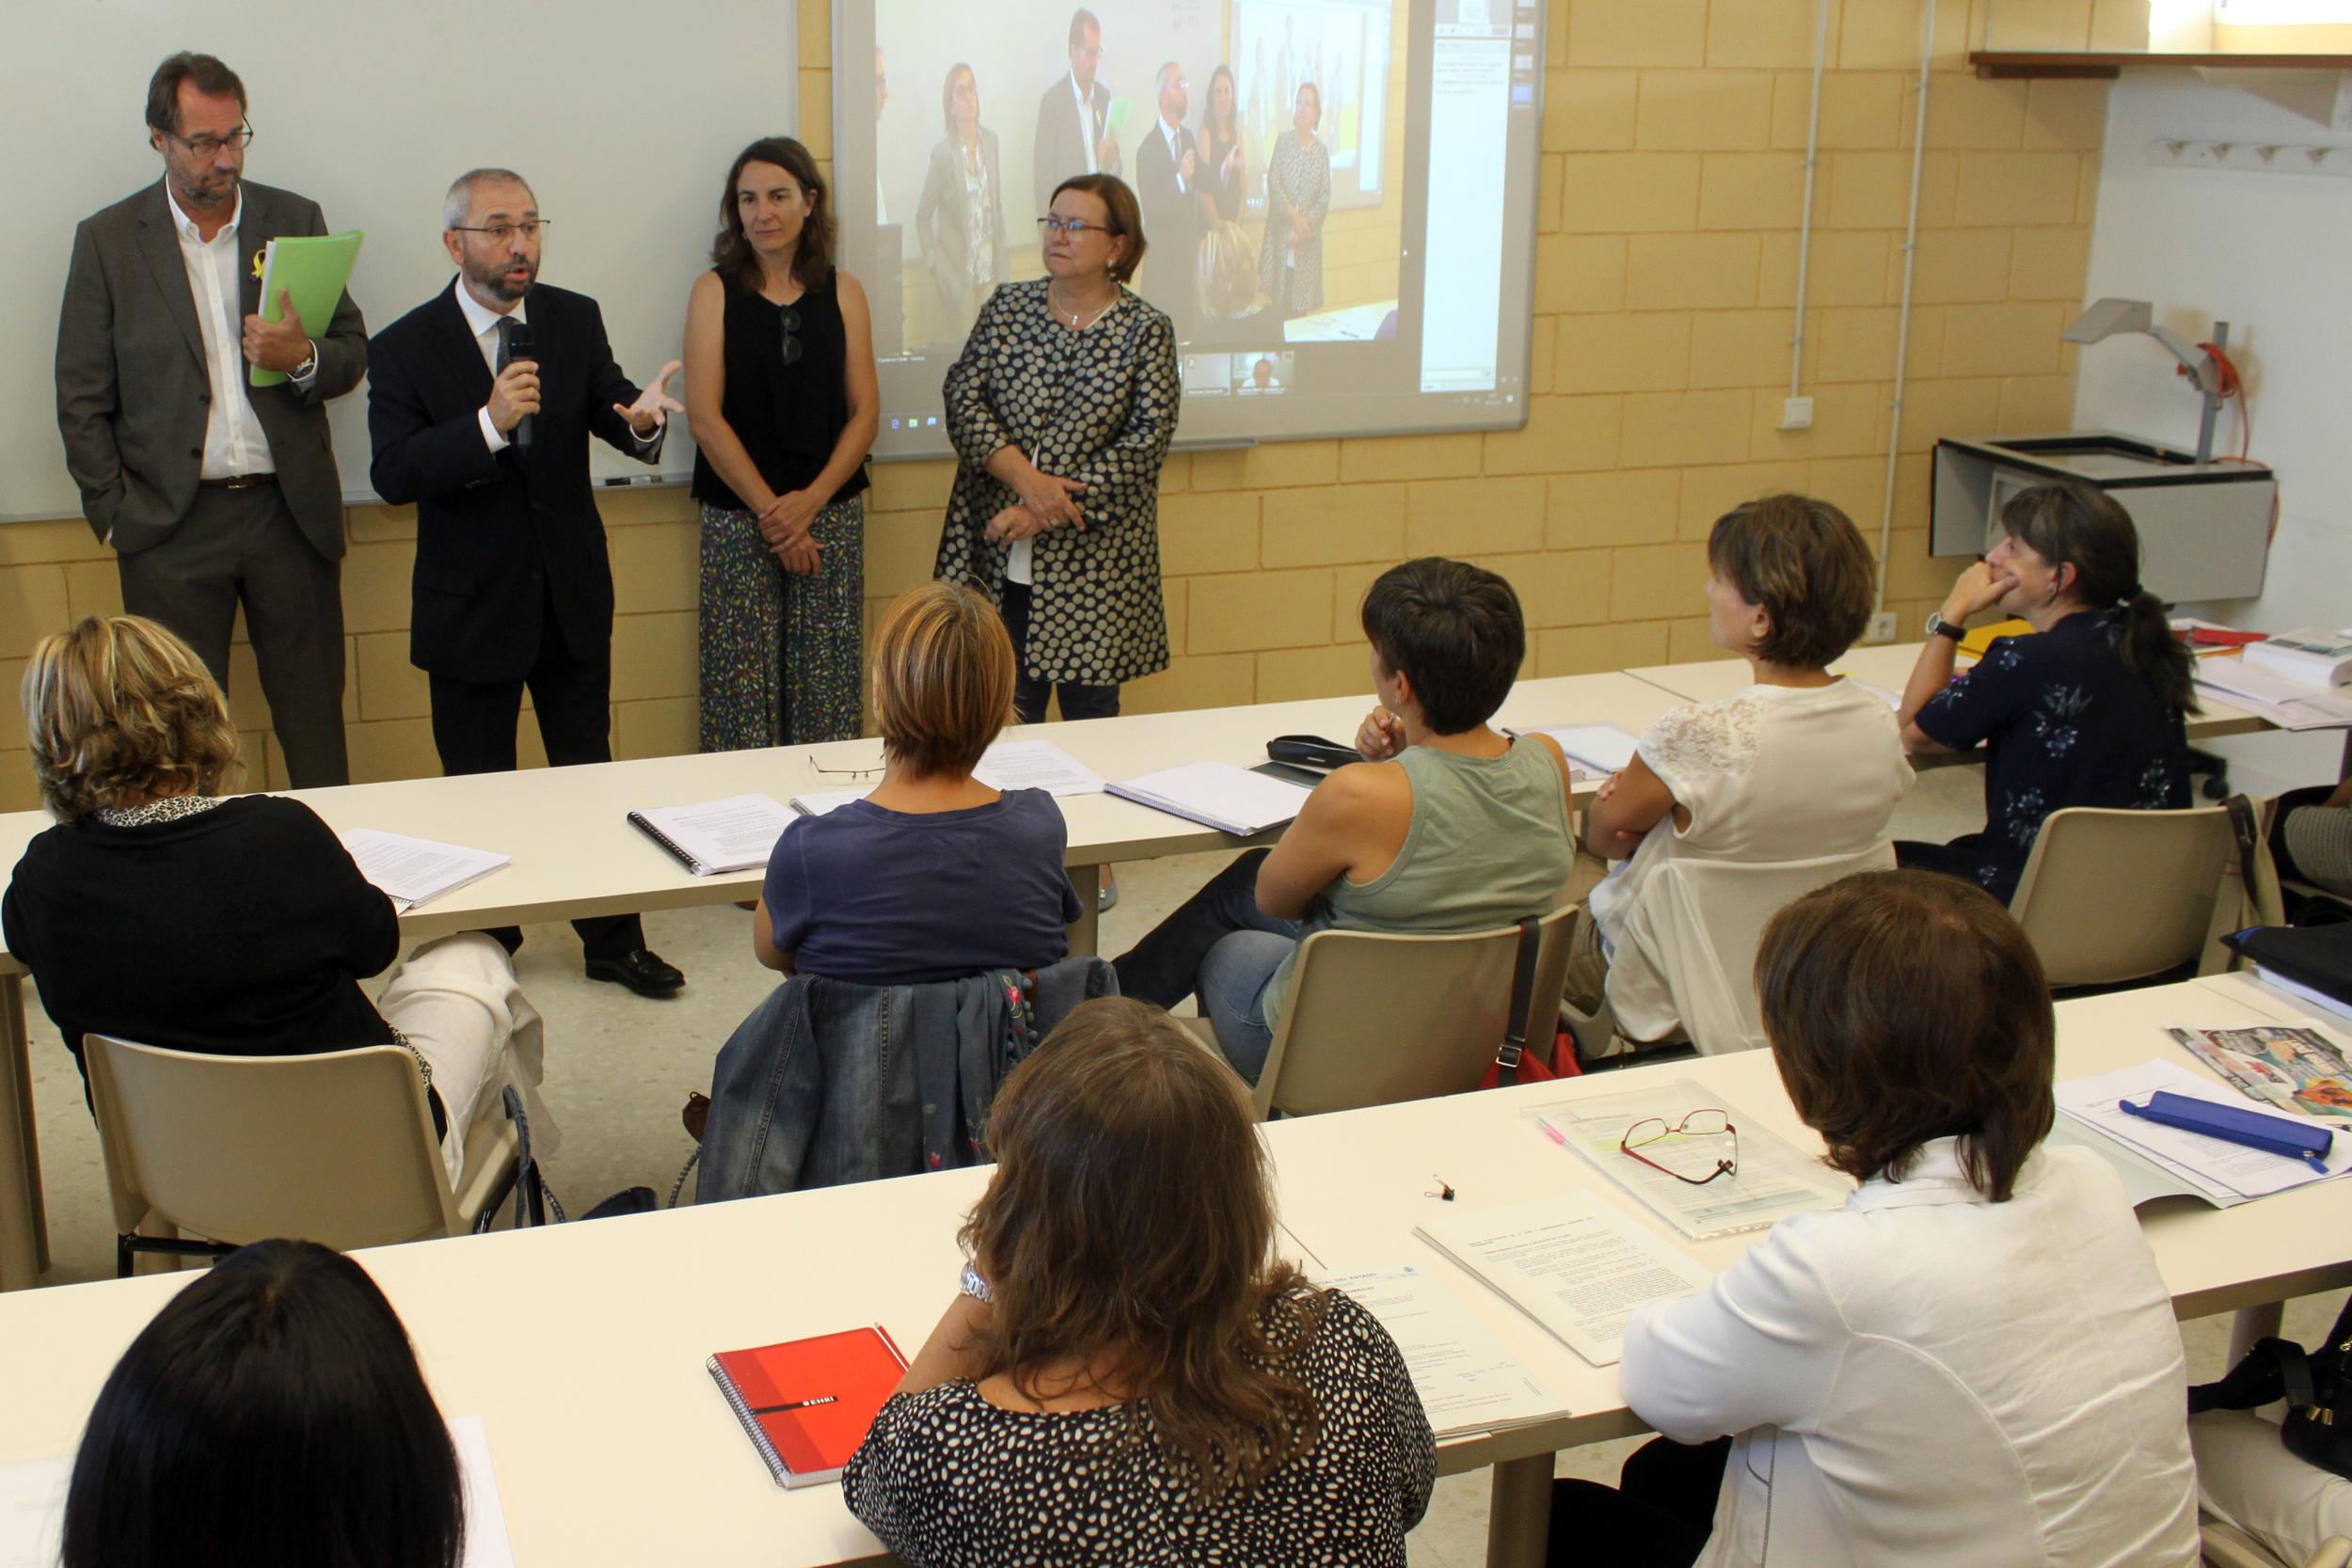 Tàrrega acull la primera activitat docent com a subseu del Centre de Formació Contínua de la UdL